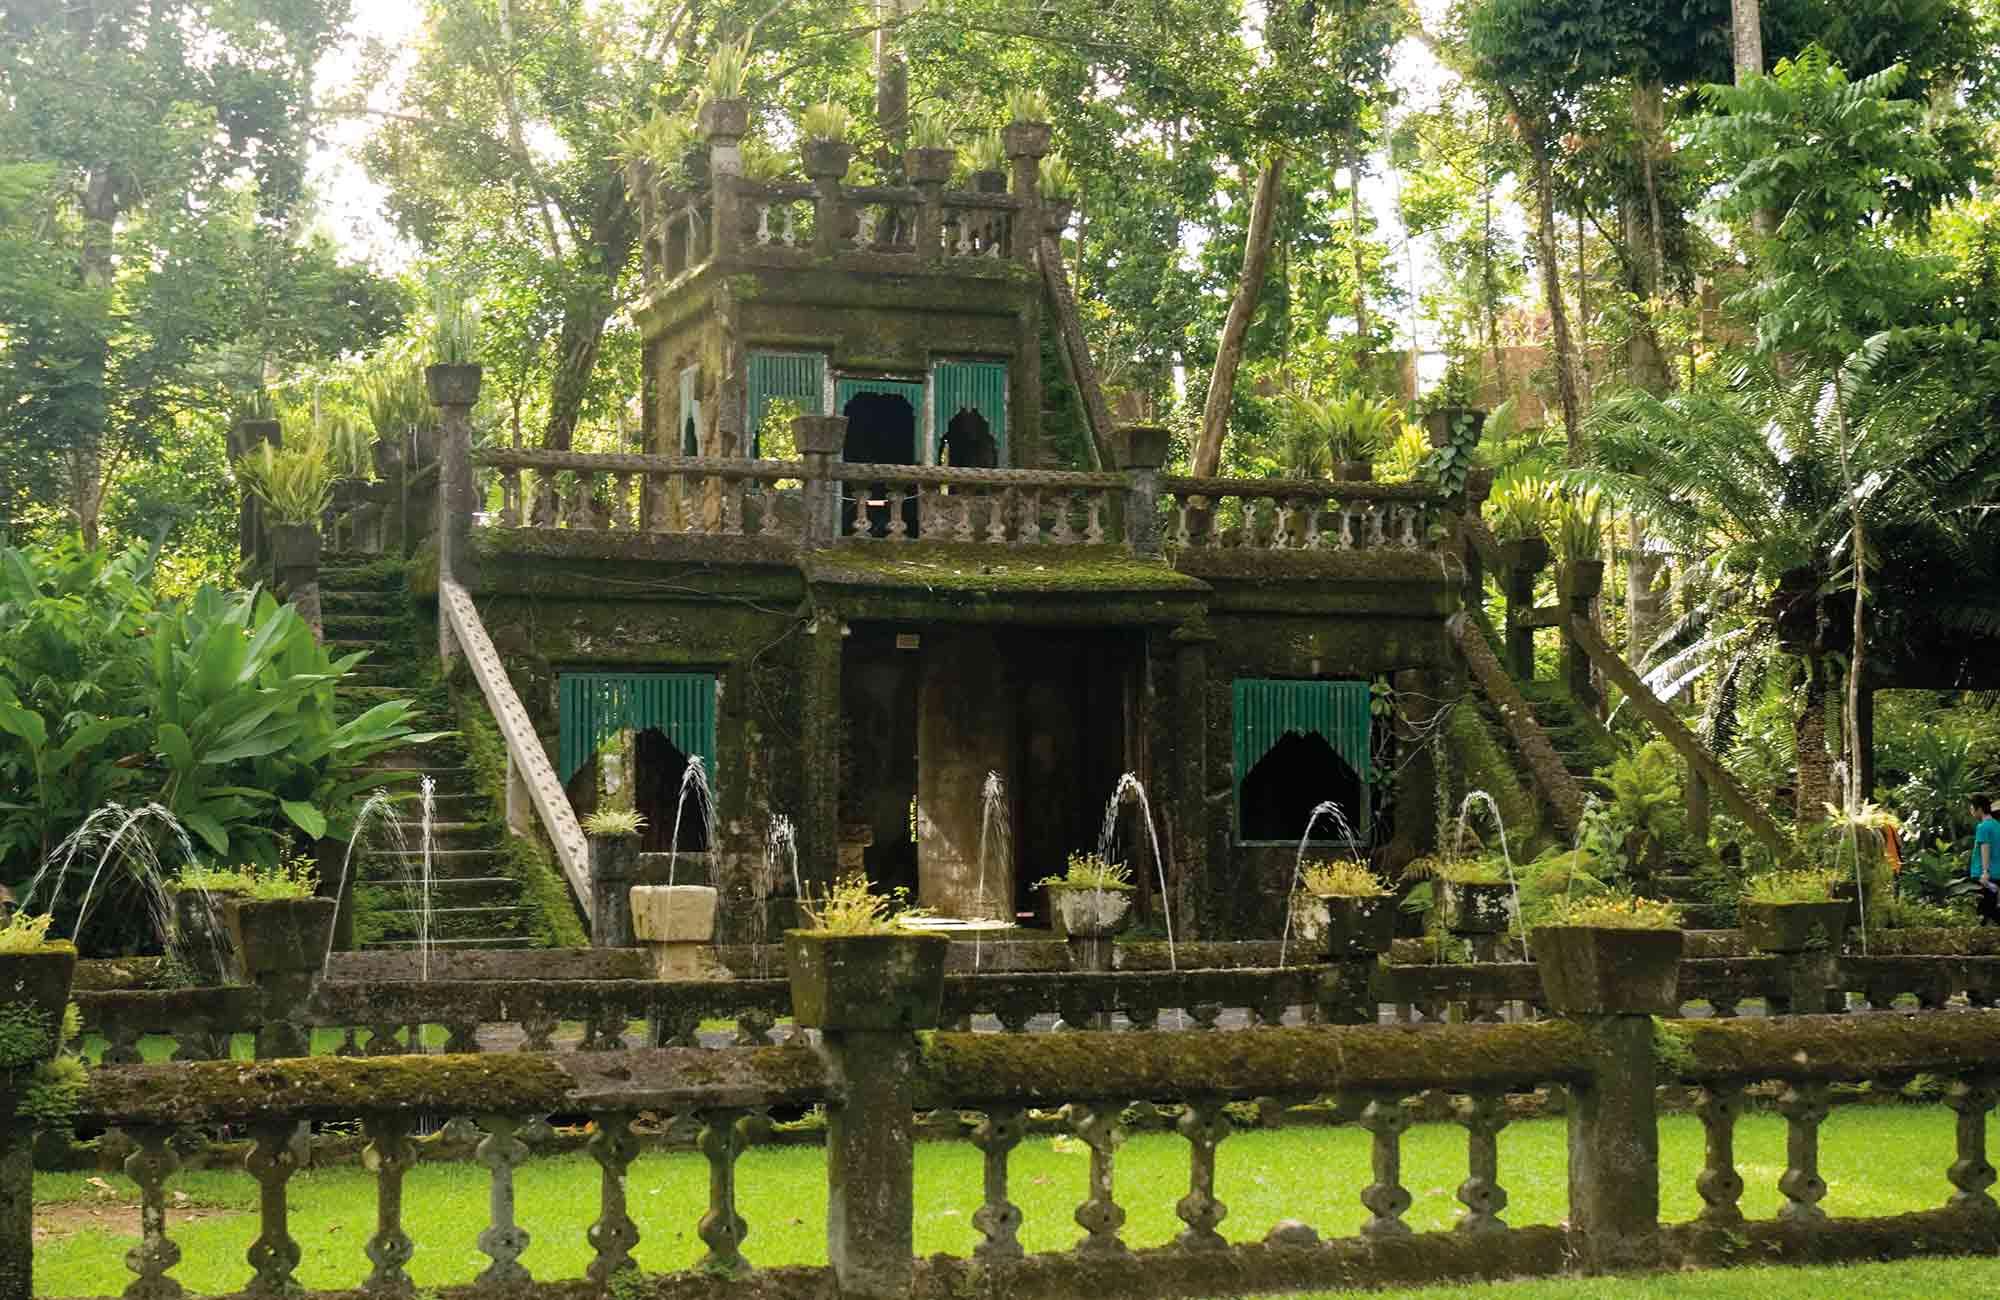 Australie-paronella-park-laputa-chateau-dans-le-ciel-lieu-réel-miyazaki-studio-ghibli-amplitudes